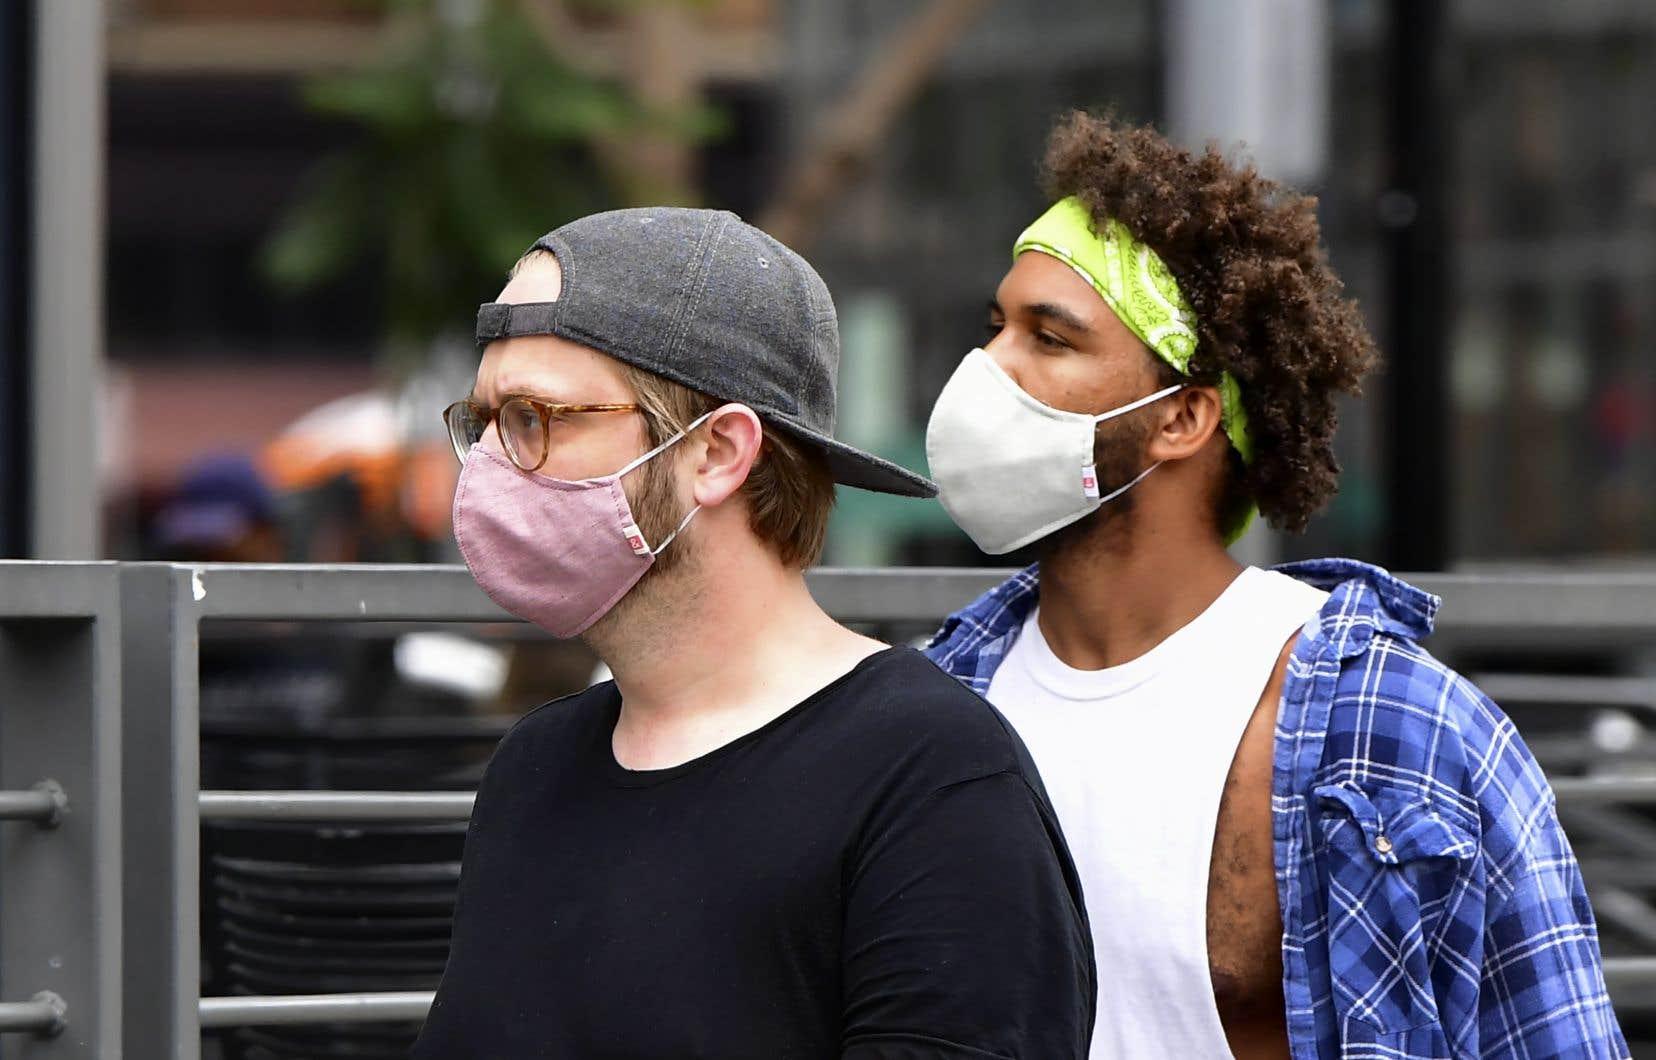 Une étude menée aux États-Unis a montré que les jeunes infectés ont été les vecteurs de transmission communautaire chez les gens d'âge moyen, puis chez les aînés.